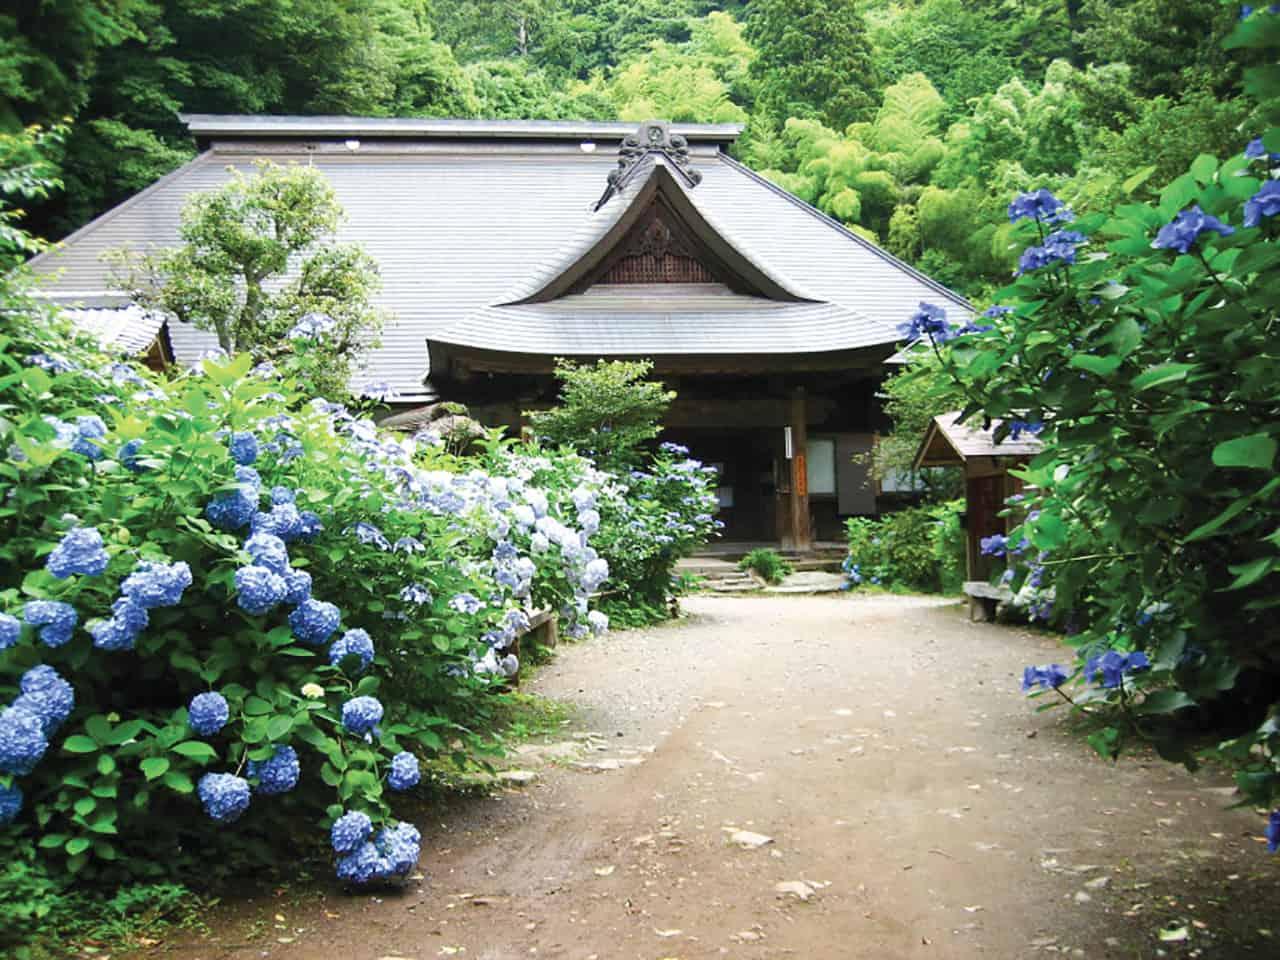 ชมดอกไฮเดรนเยียที่เมืองฮาโกเน่ (Hakone) และเมืองคามาคุระ (Kamakura)